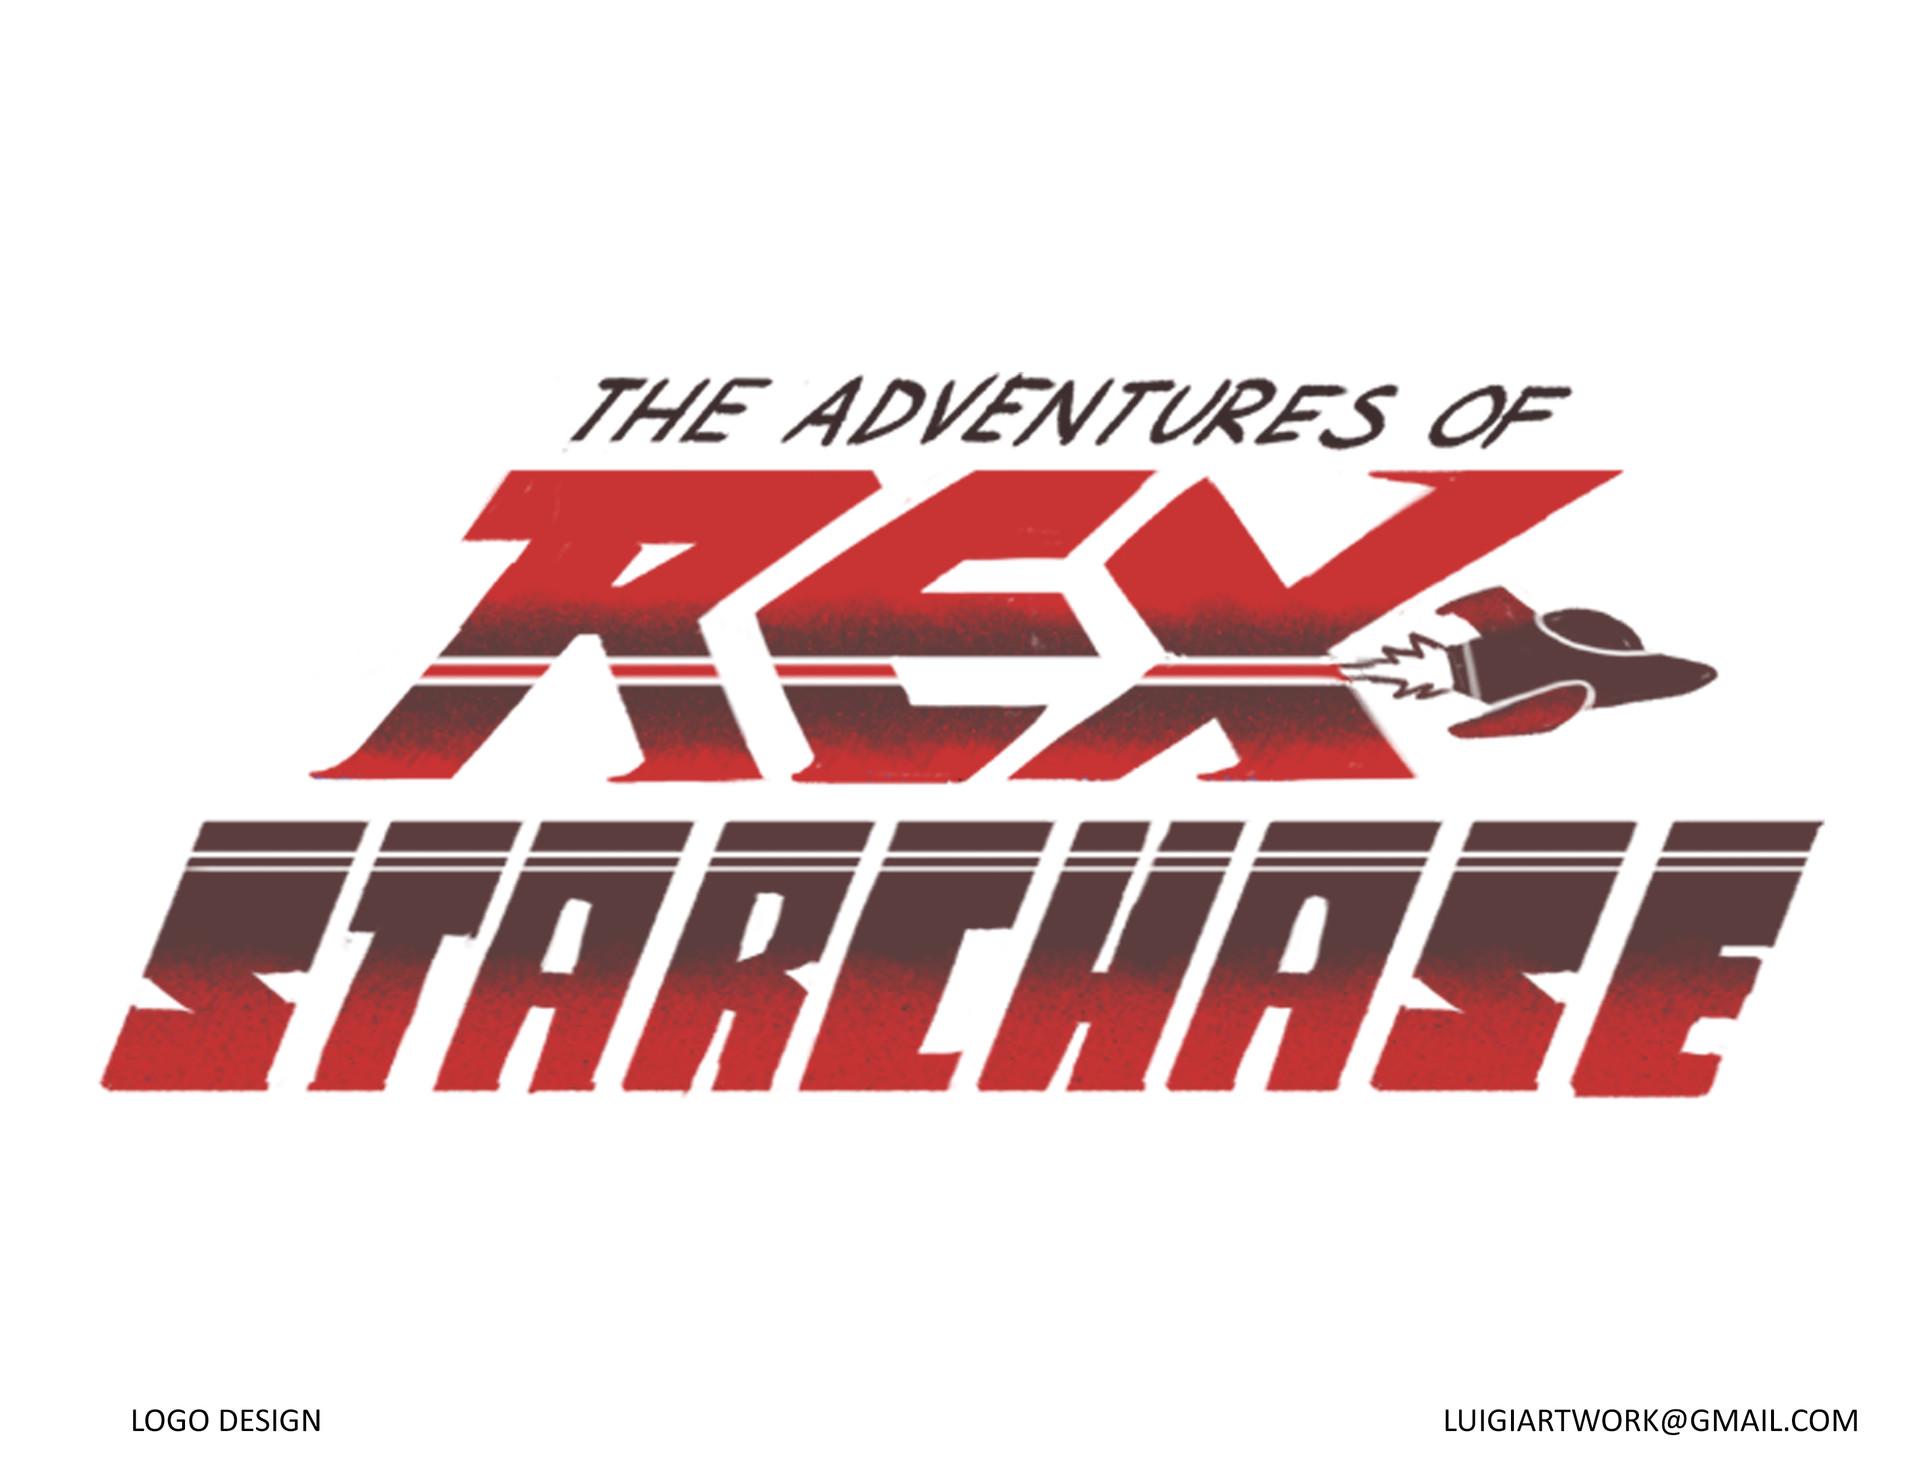 Luigi lucarelli 1 rex starchase logo